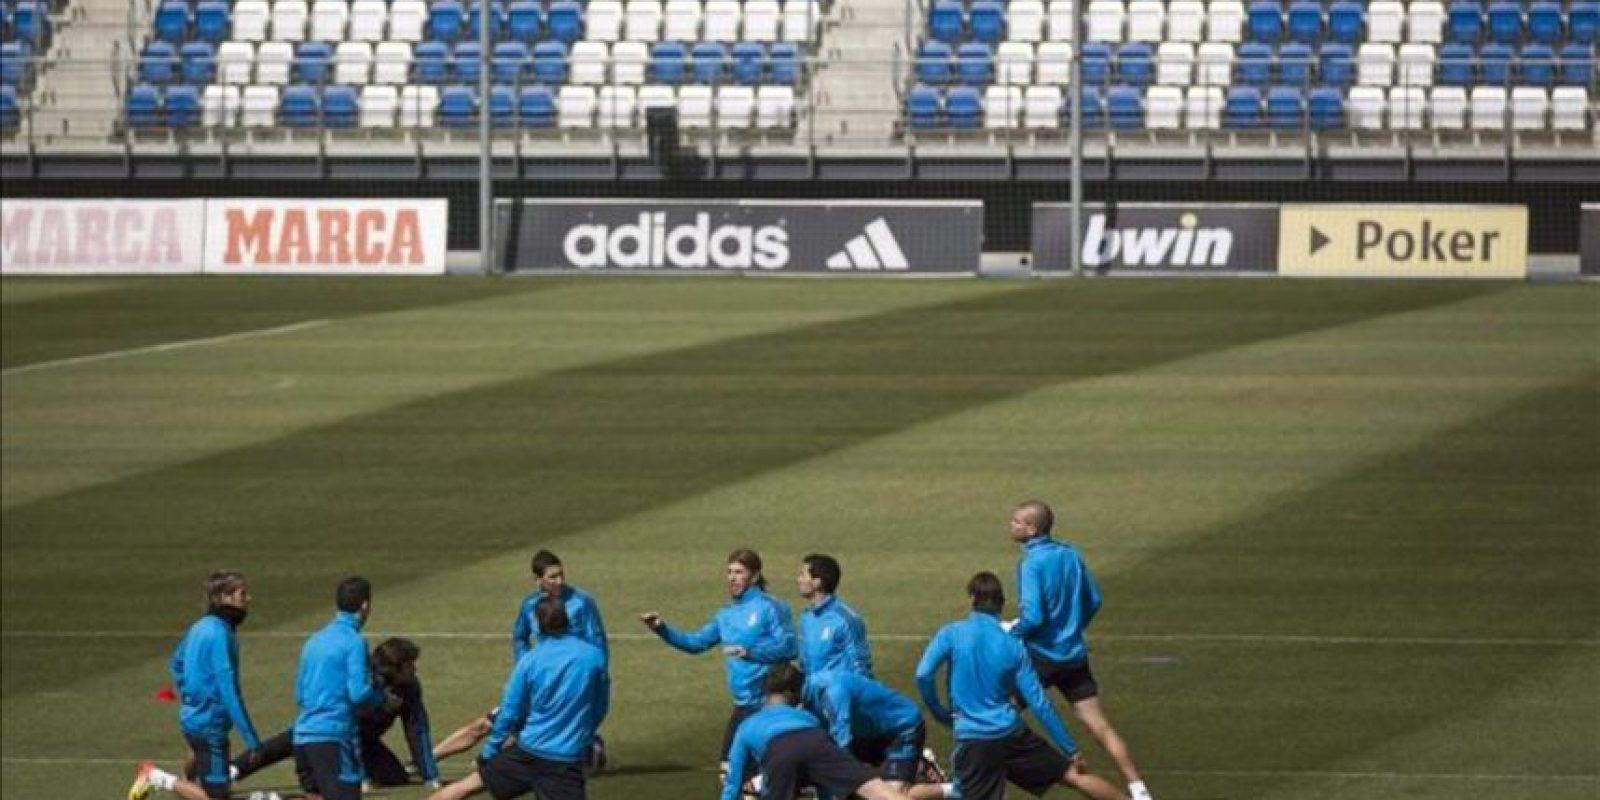 Jugadores del Real Madrid durante el entrenamiento realizado hoy en la ciudad deportiva del club, el último antes de disputar mañana el partido de vuelta de la semifinal de la Liga de Campeones ante el Bayern de Munich, en el estadio Santiago Bernabéu. EFE